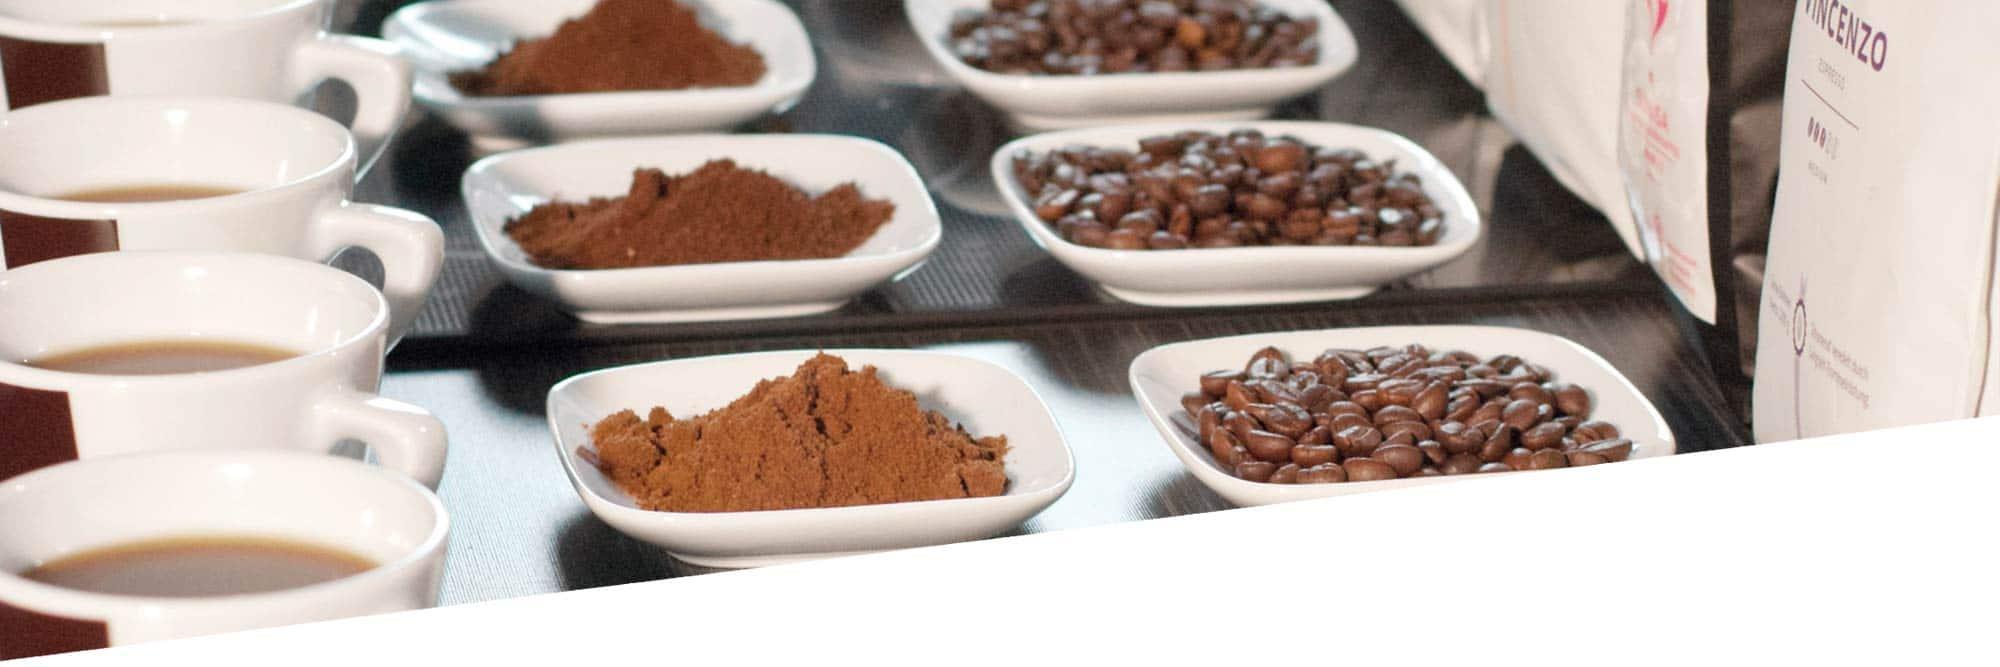 Kaffee in Bohnen, gemahlen und in der Tasse